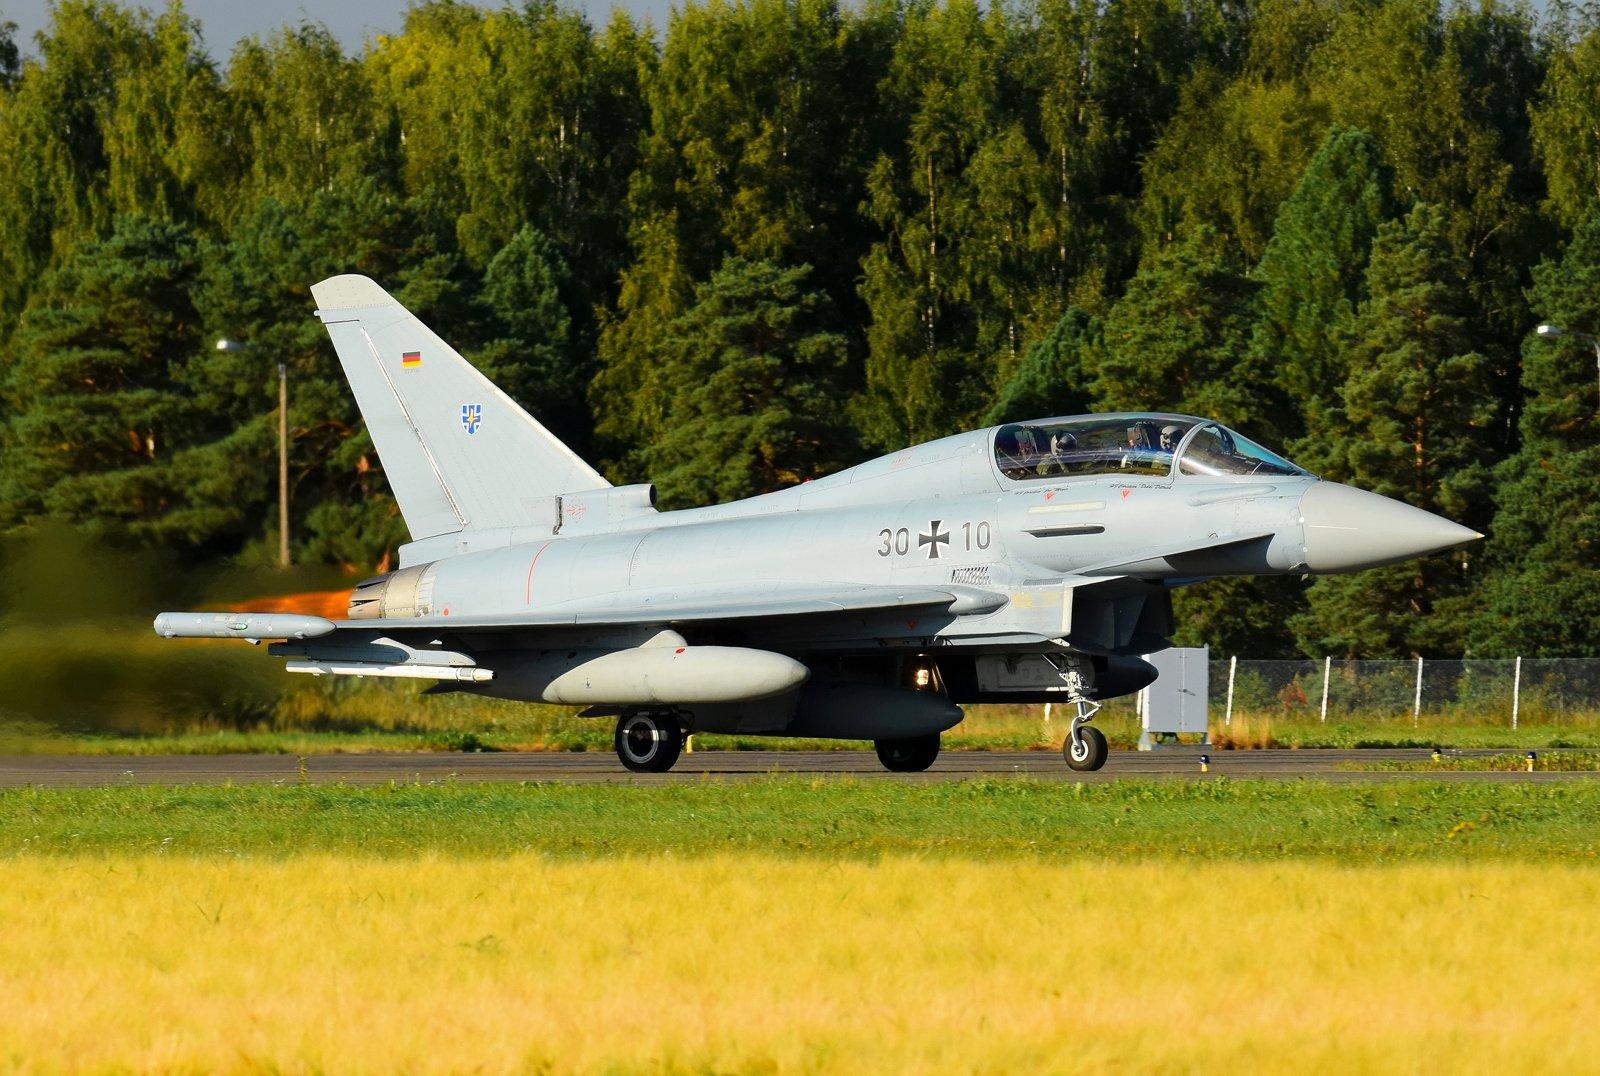 30+10 - Eurofighter Typhoon EF2000(T) - Luftwaffe (Saksan ilmavoimat) - 31.8.2020